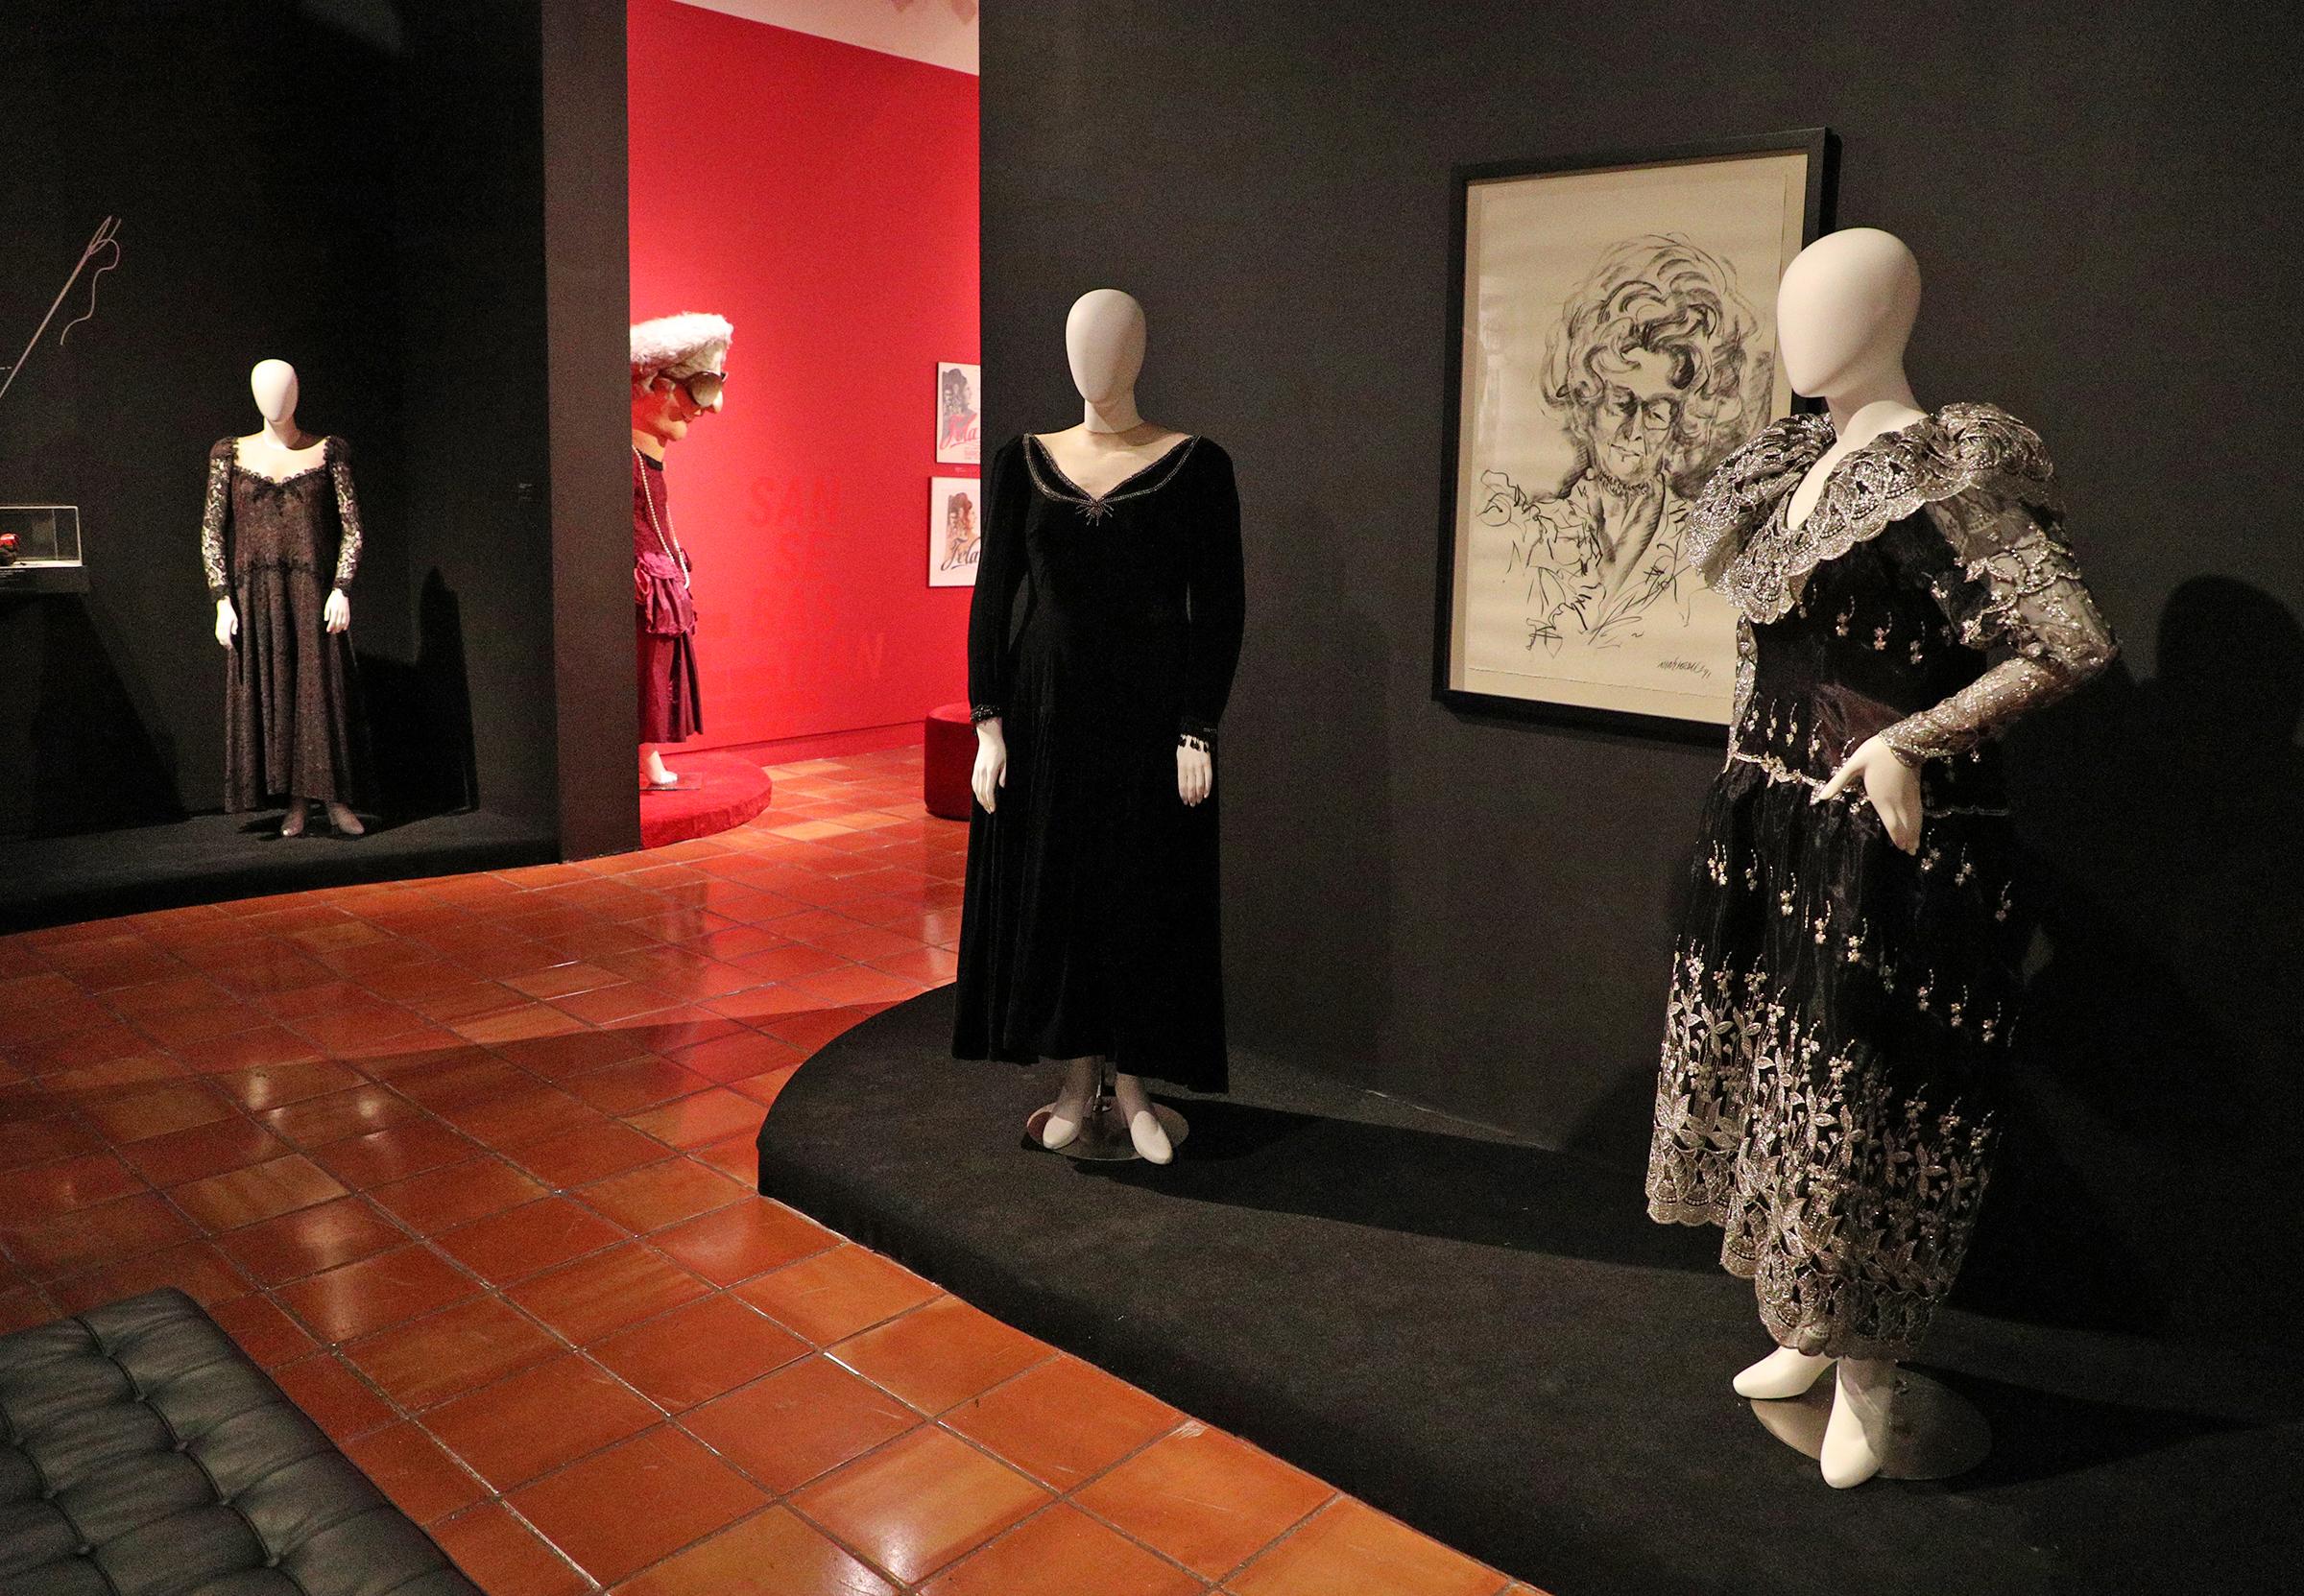 La exposición ocupa un área del museo que se divide tres salas identificadas mediante los colores negro, rojo y blanco de las paredes. (Foto: Juan Luis Martínez)